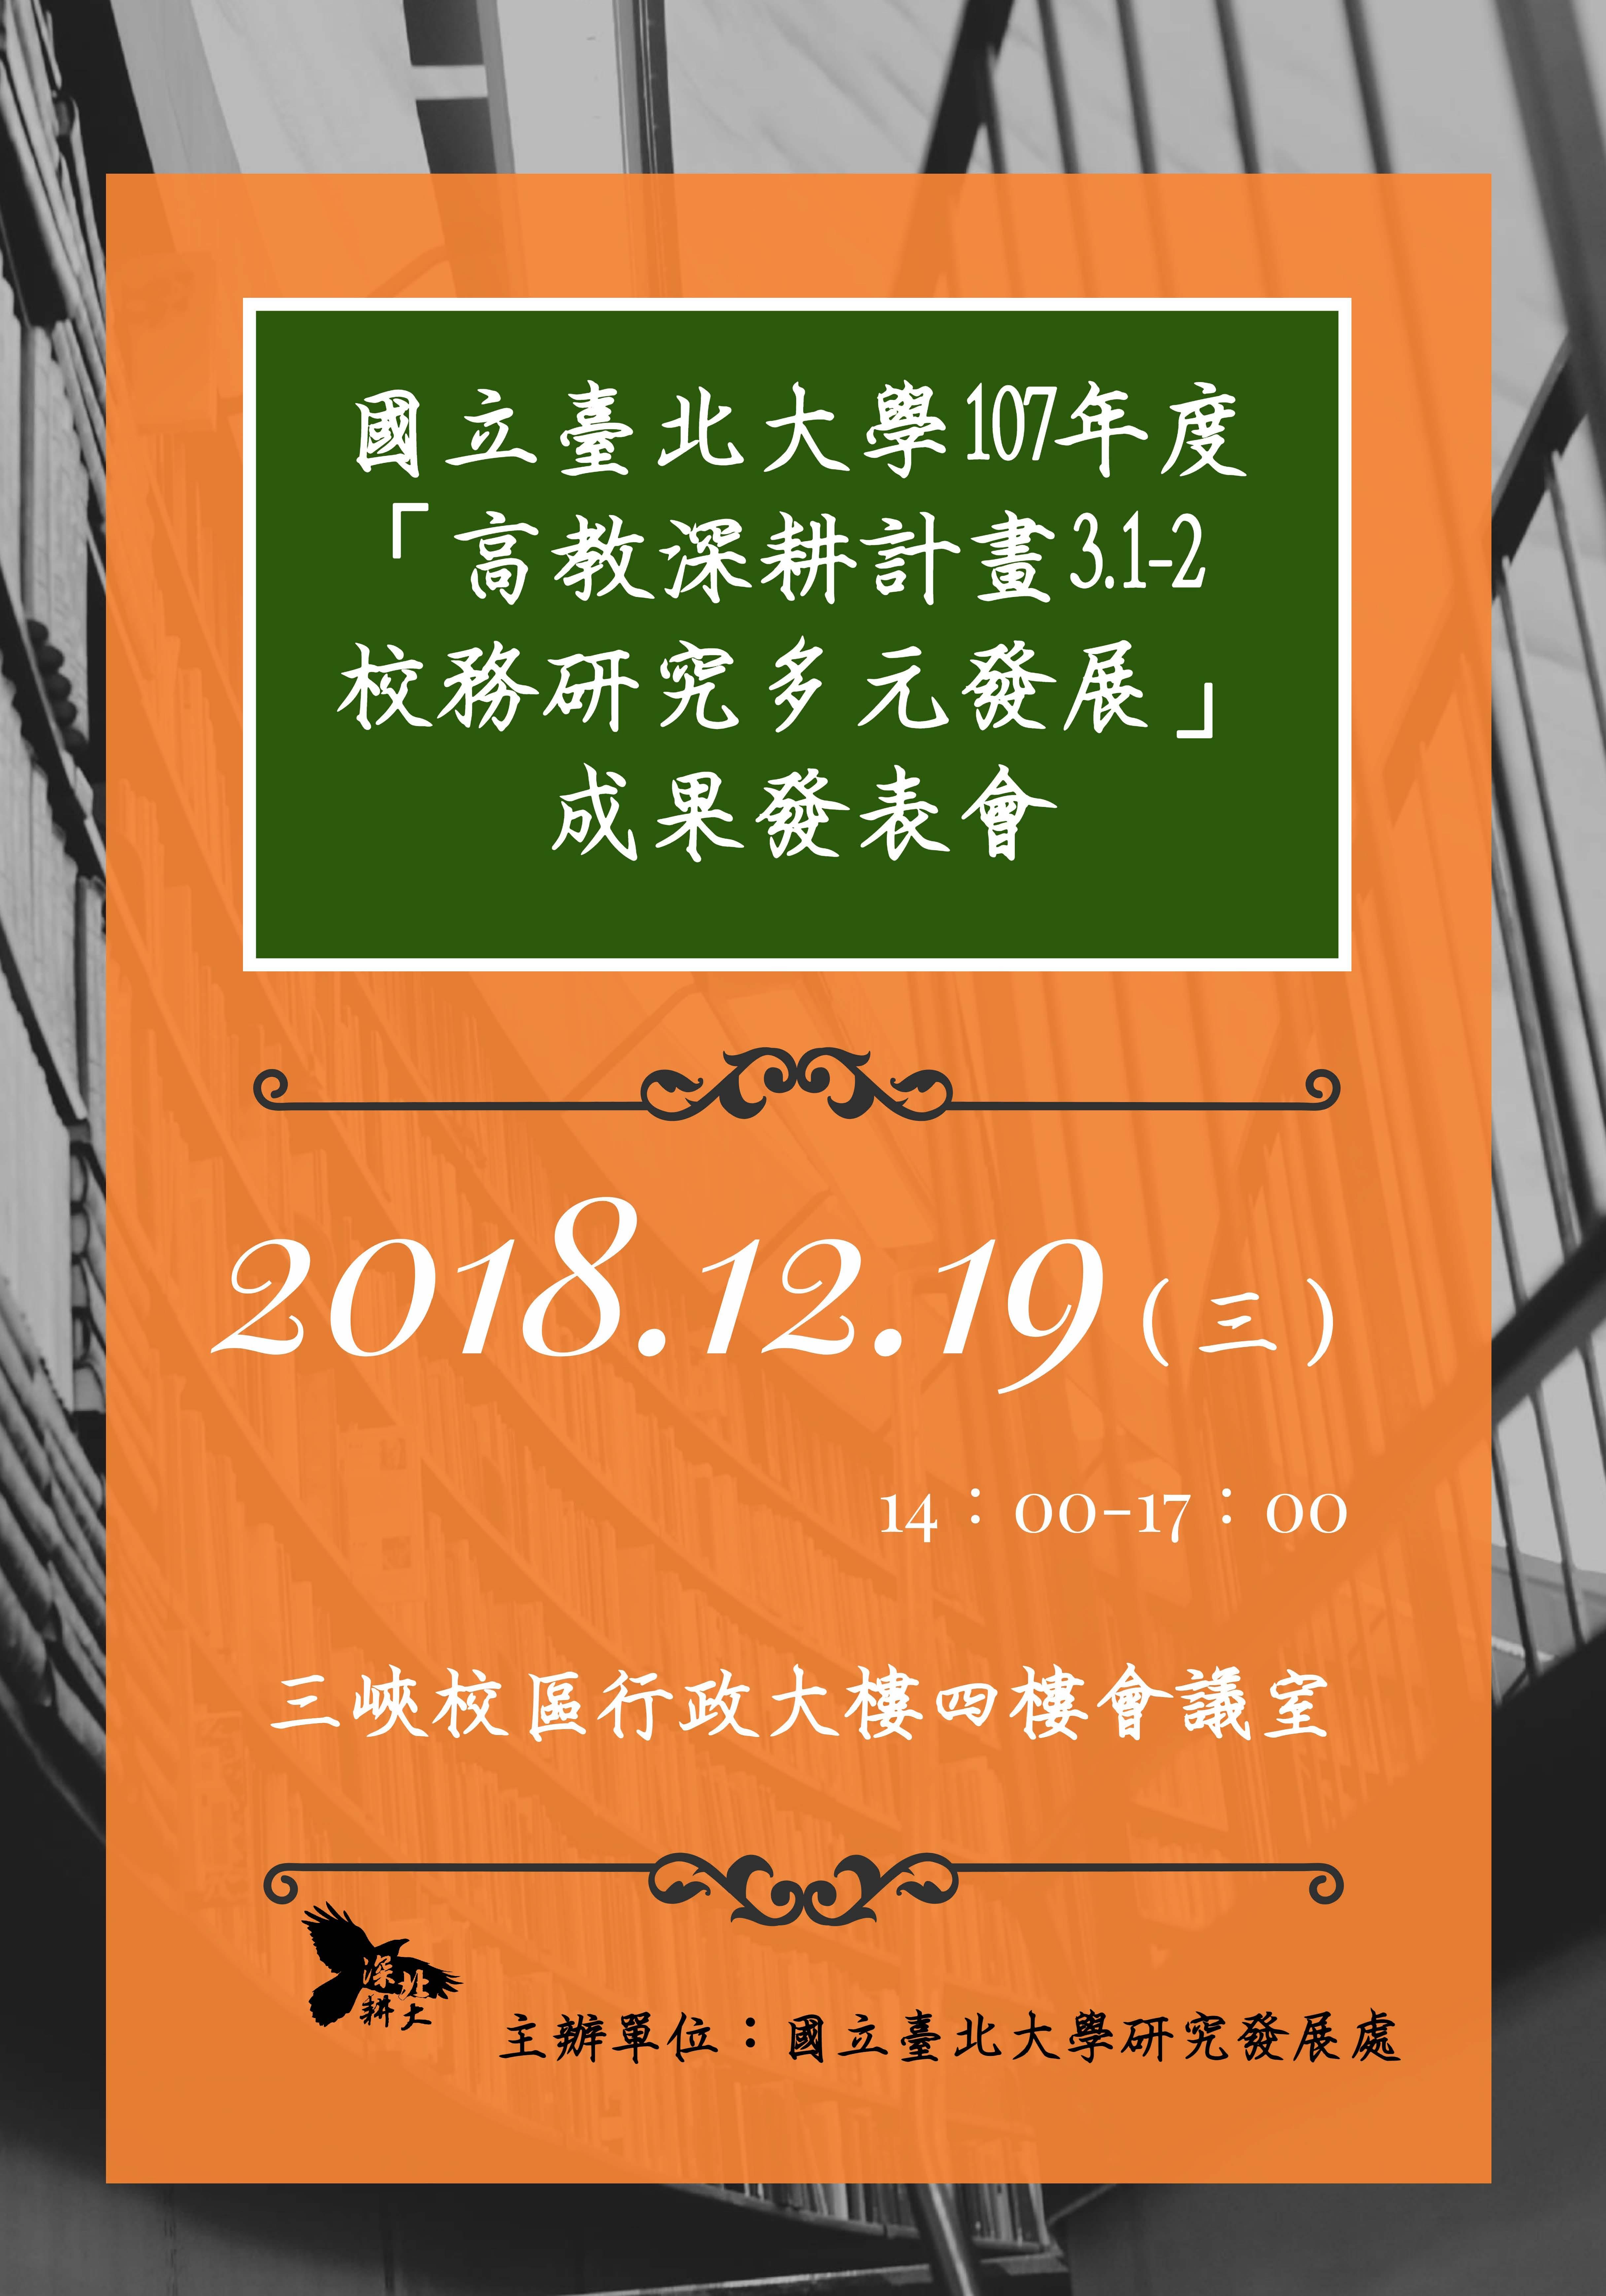 【高教深耕3.1-2】研發處將於12/19(三)下午2點辦理 校務研究多元發展成果發表會